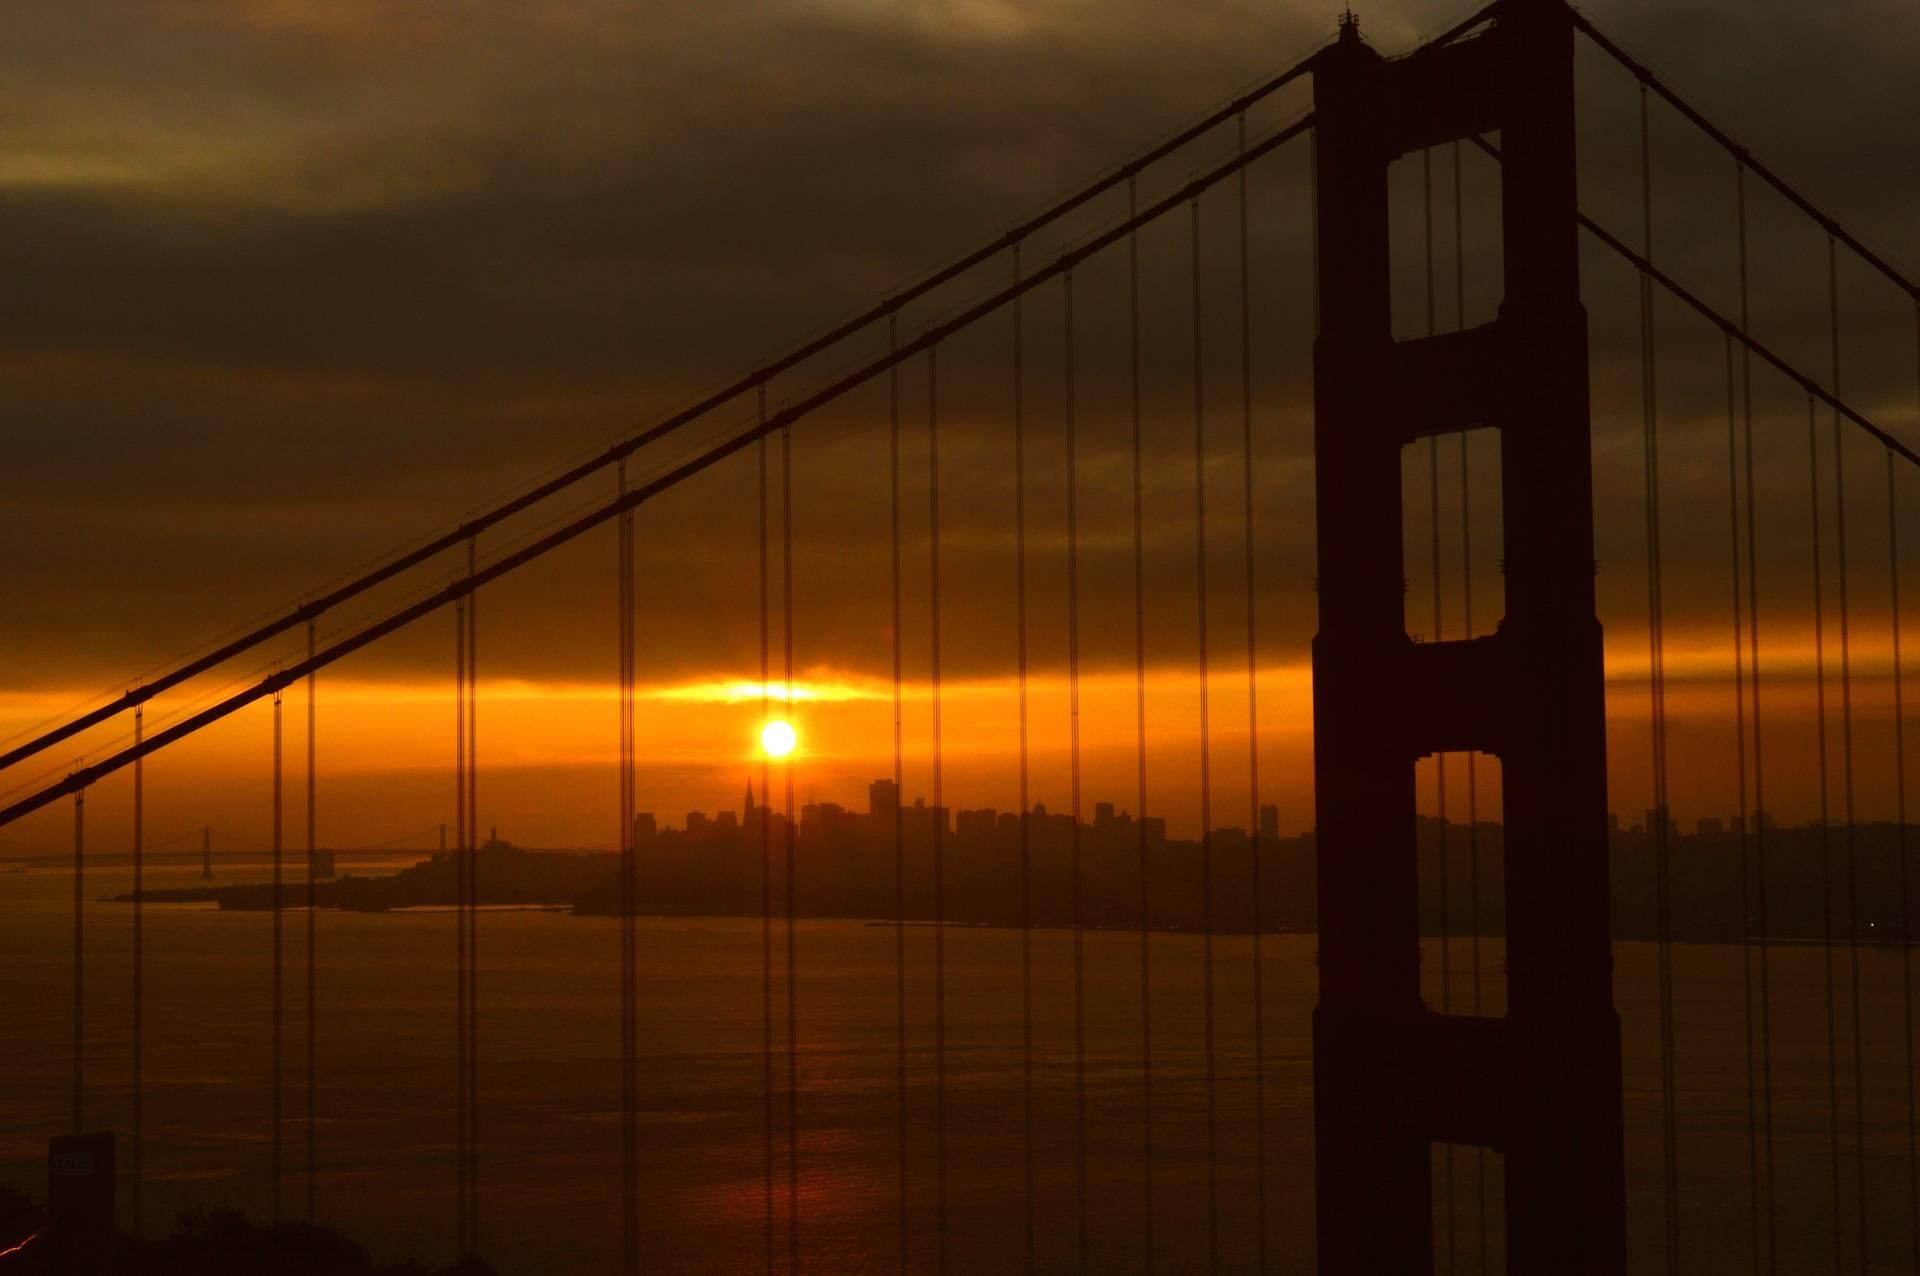 Cola Sky on the bridge at Sunrise